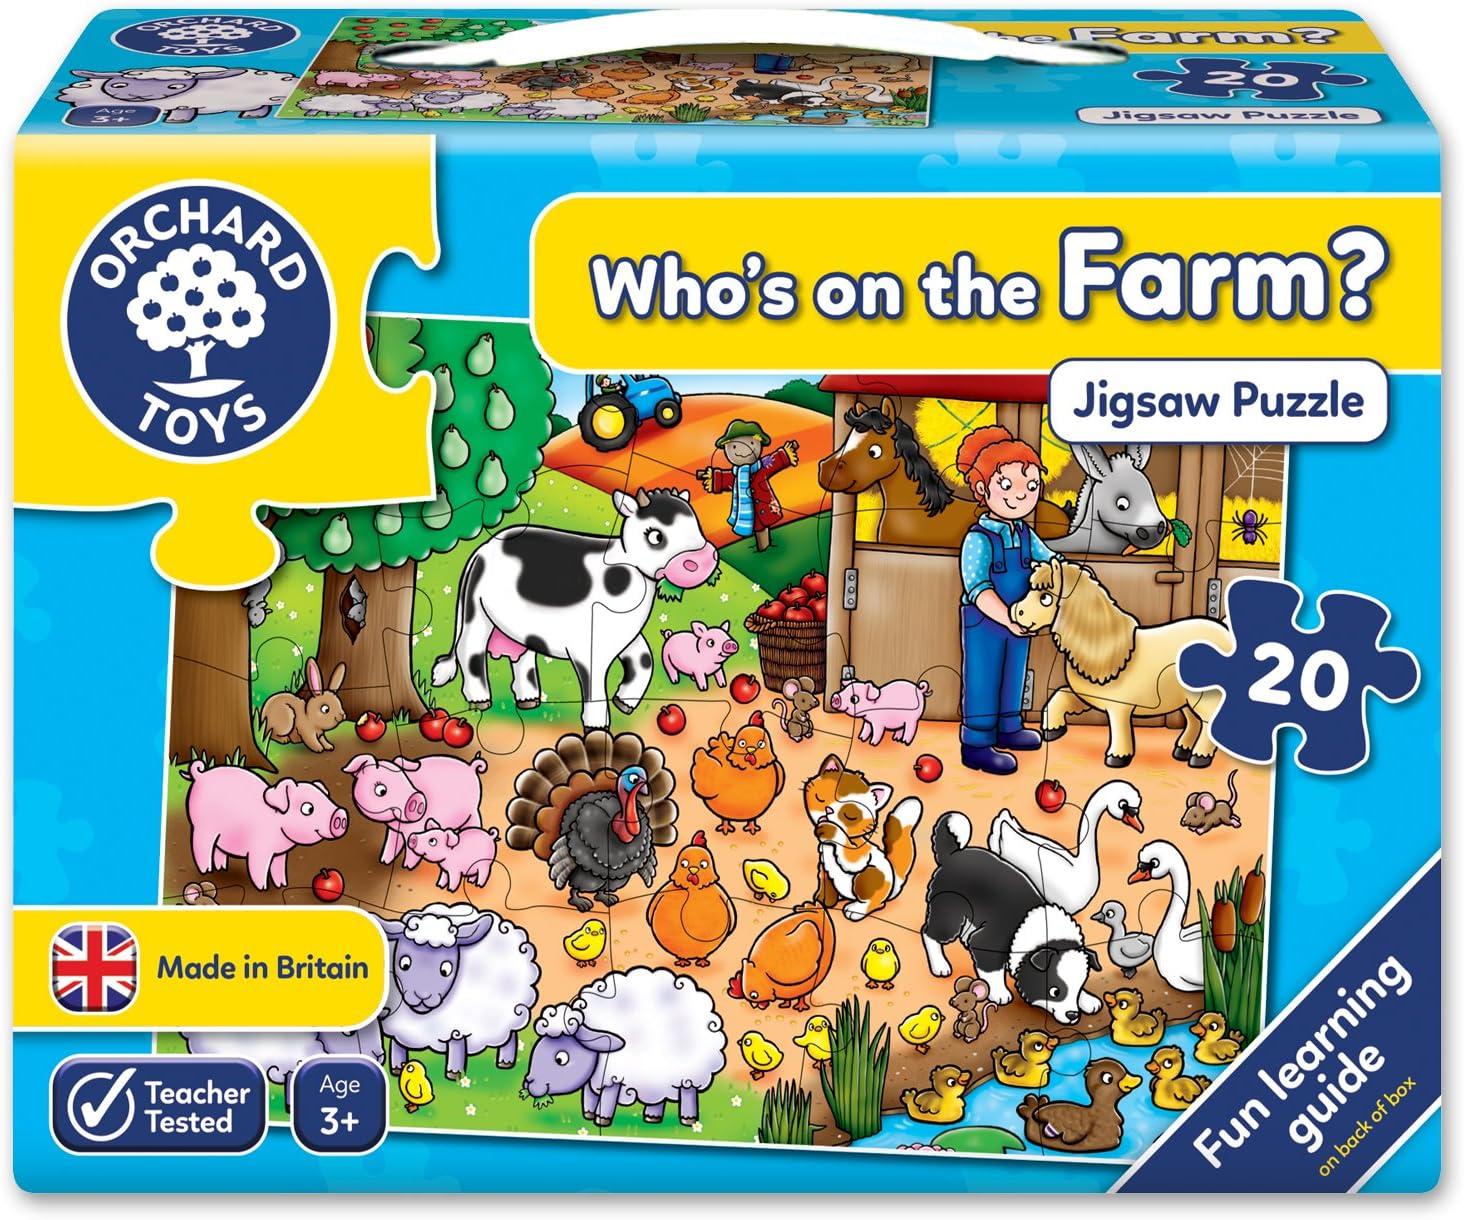 Orchard/_Toys Puzle de granja importado del Reino Unido